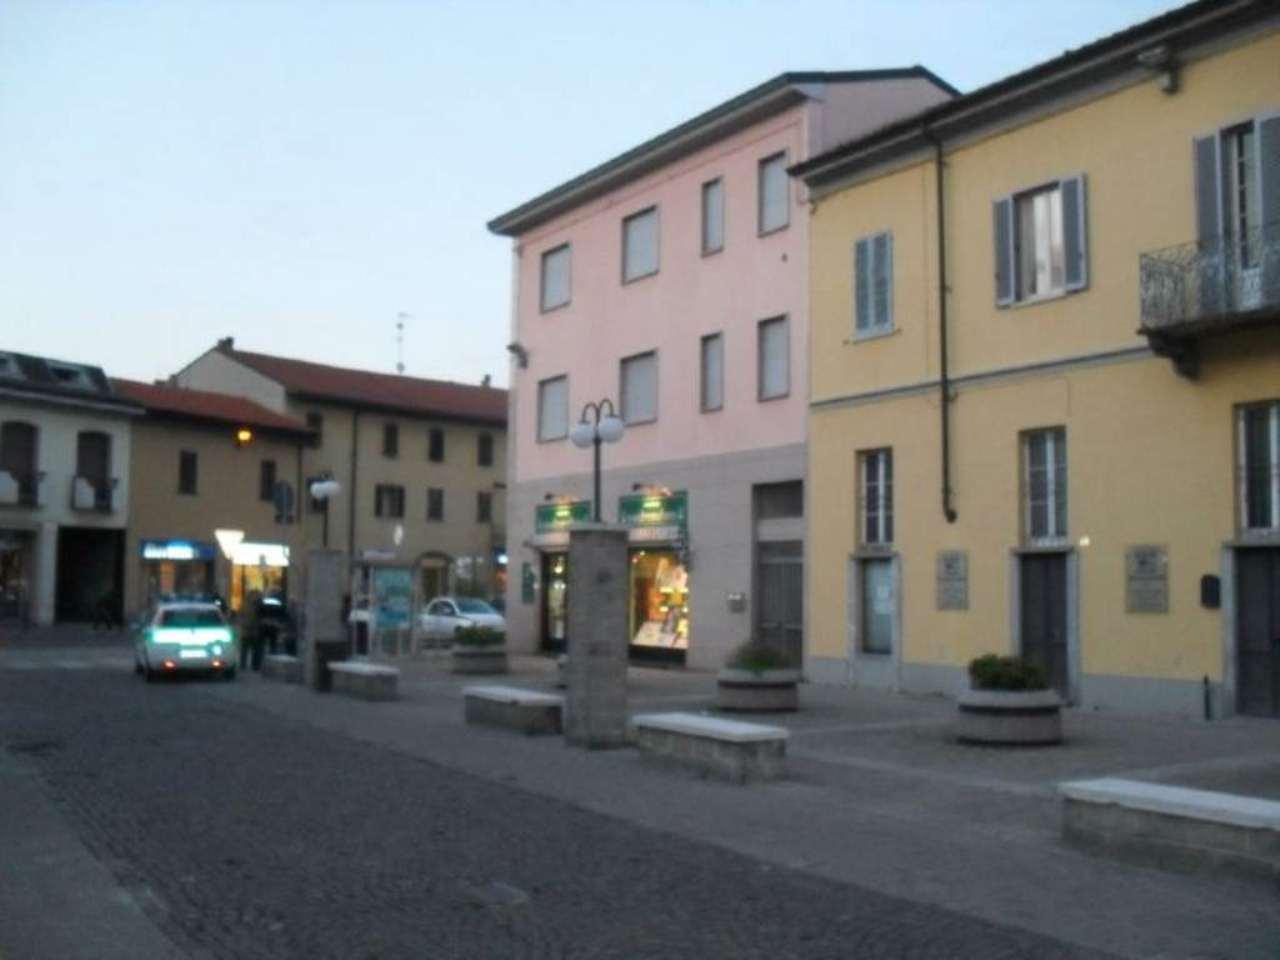 Ufficio / Studio in affitto a Muggiò, 9999 locali, prezzo € 600 | Cambio Casa.it